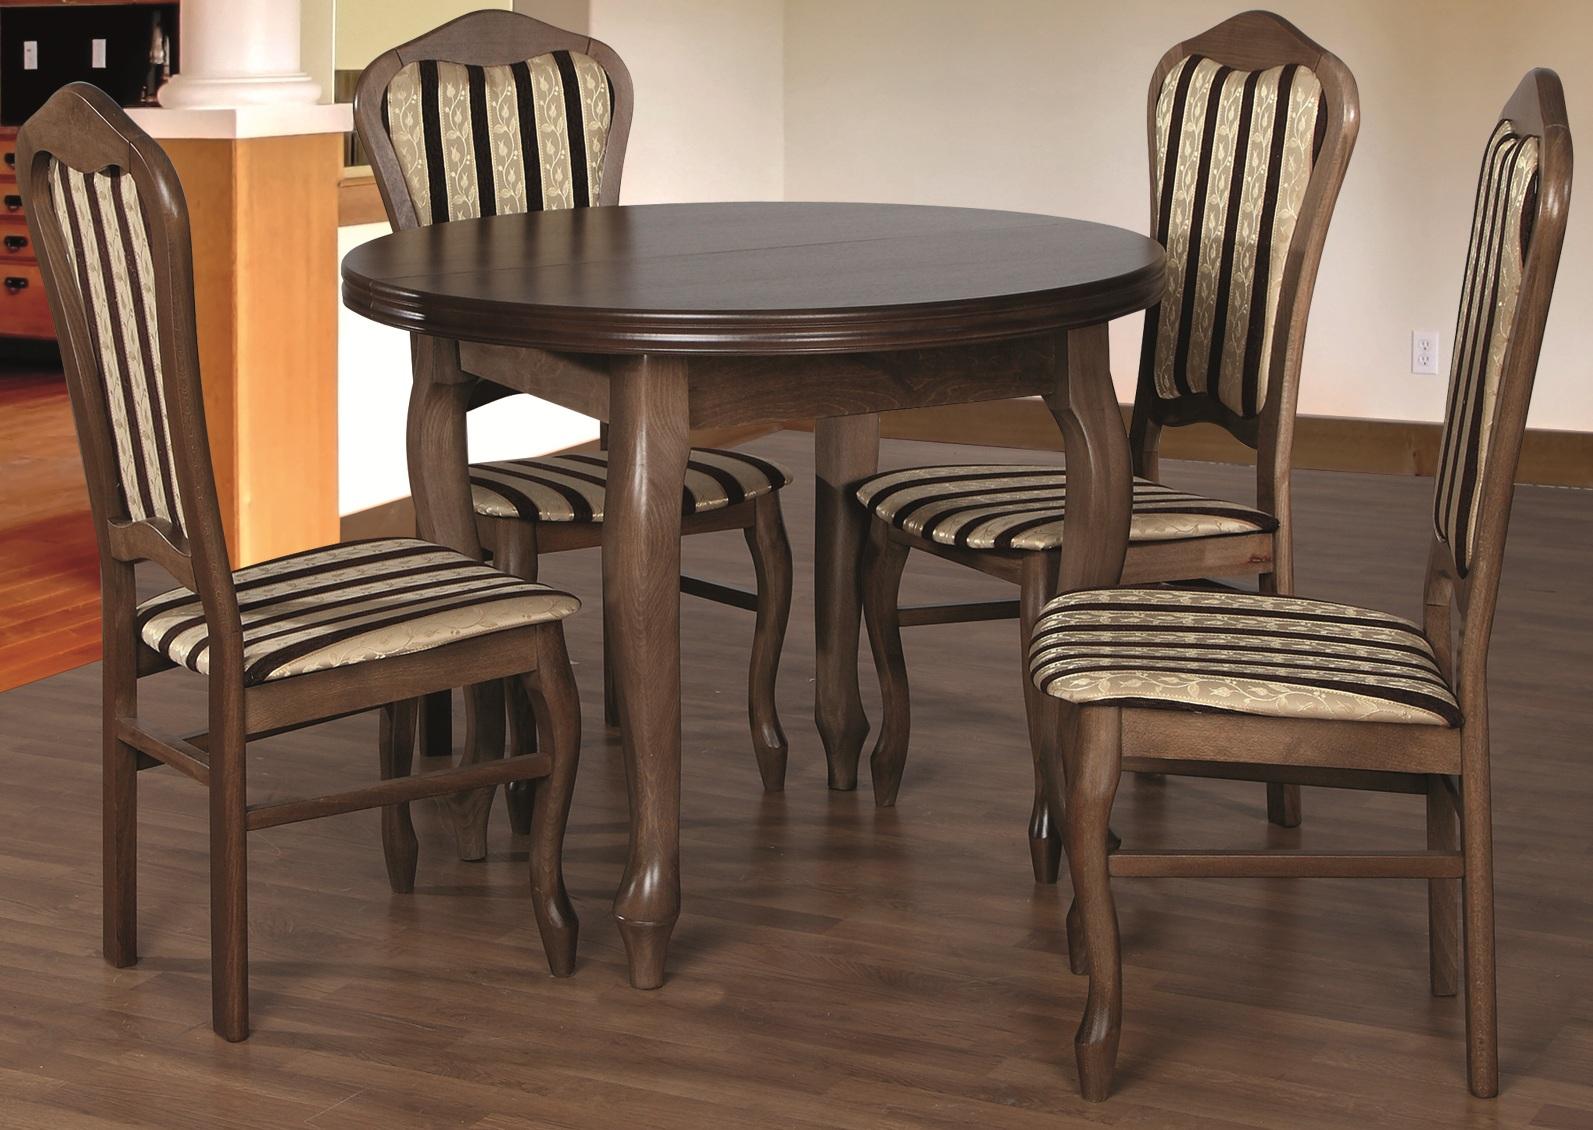 Stół Okrągły Rozkładany 4 Krzesła R24